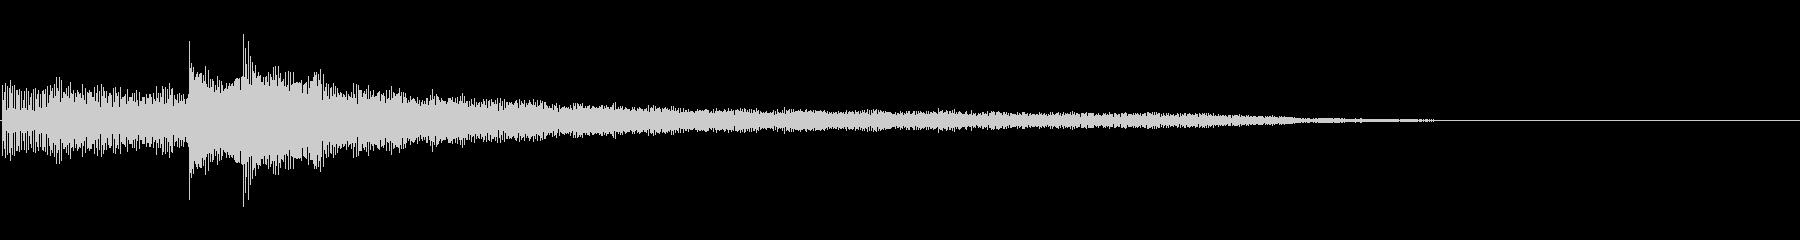 ギターによるアルペジオサウンドロゴの未再生の波形